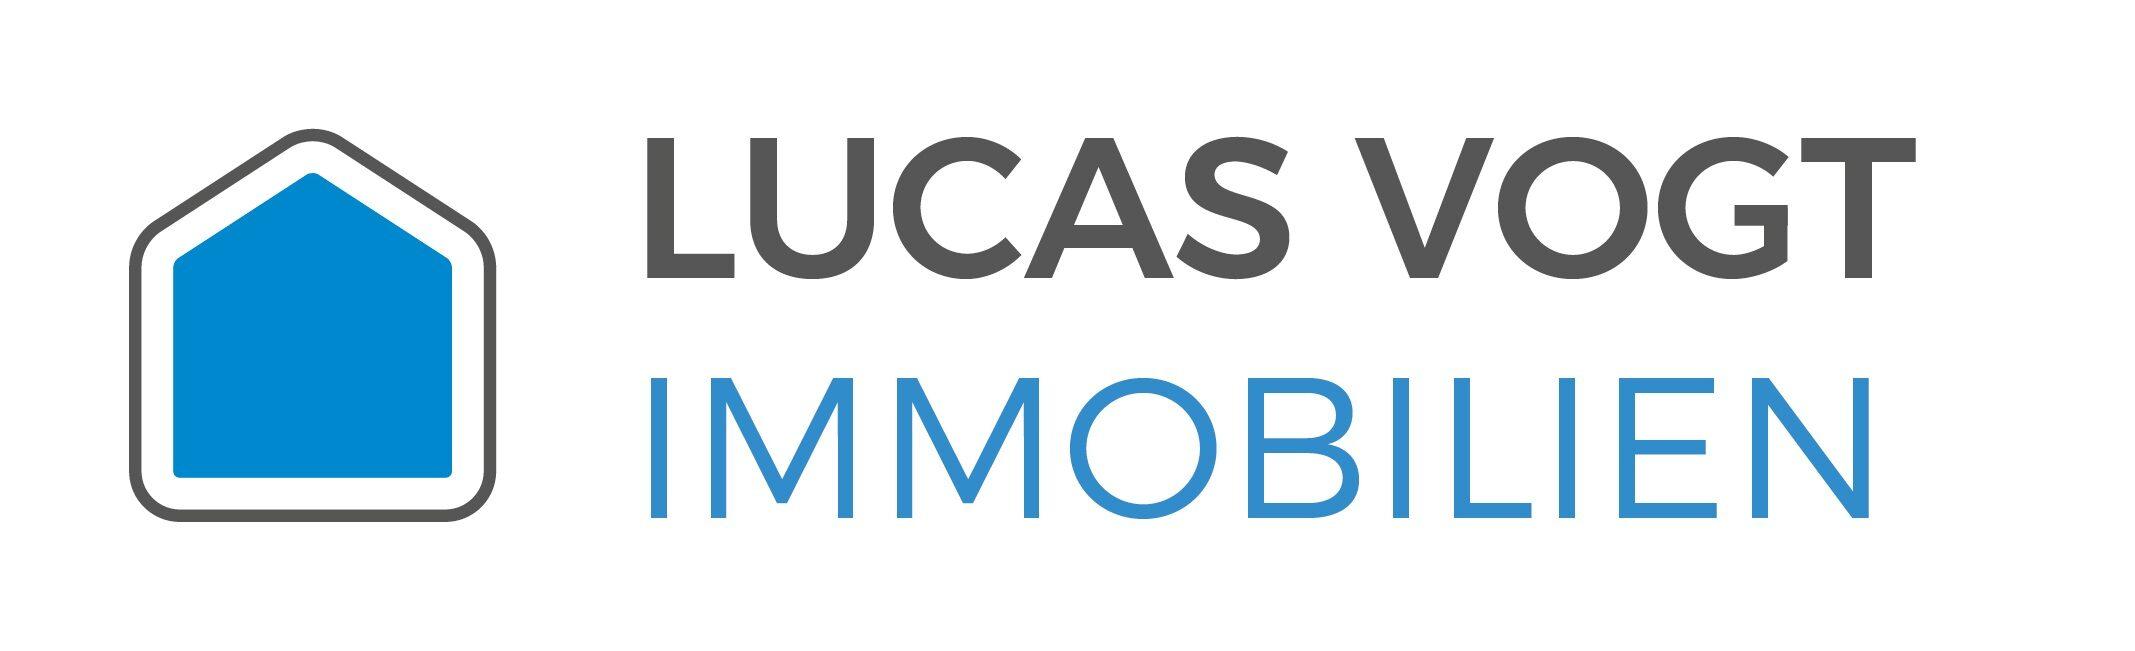 Lucas Vogt Immobilien